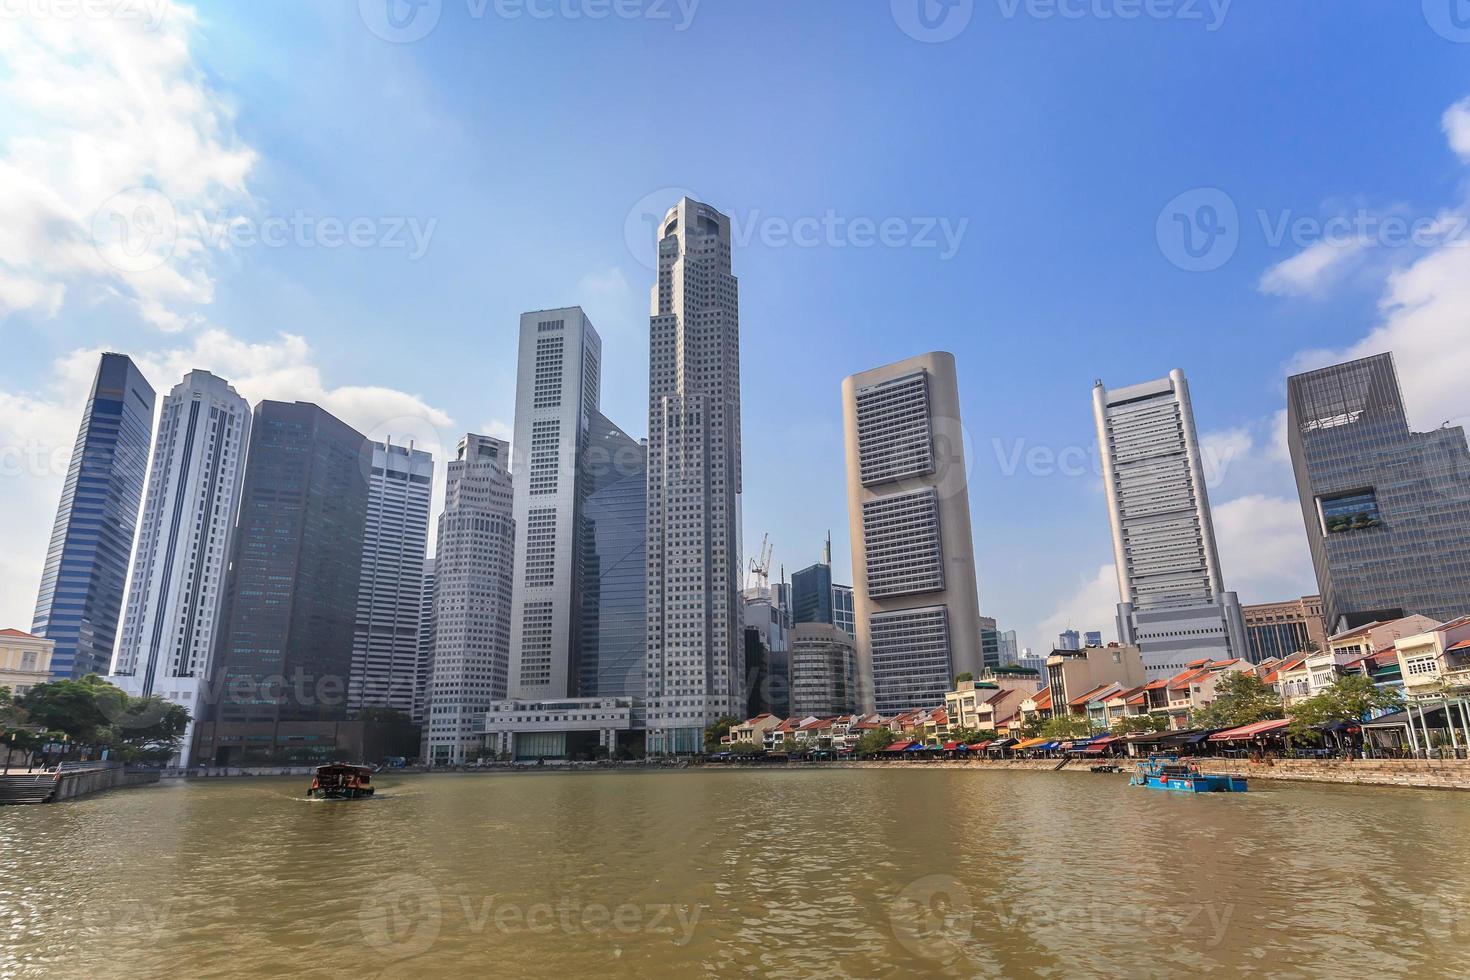 vista sullo skyline della città di Singapore a marina bay foto